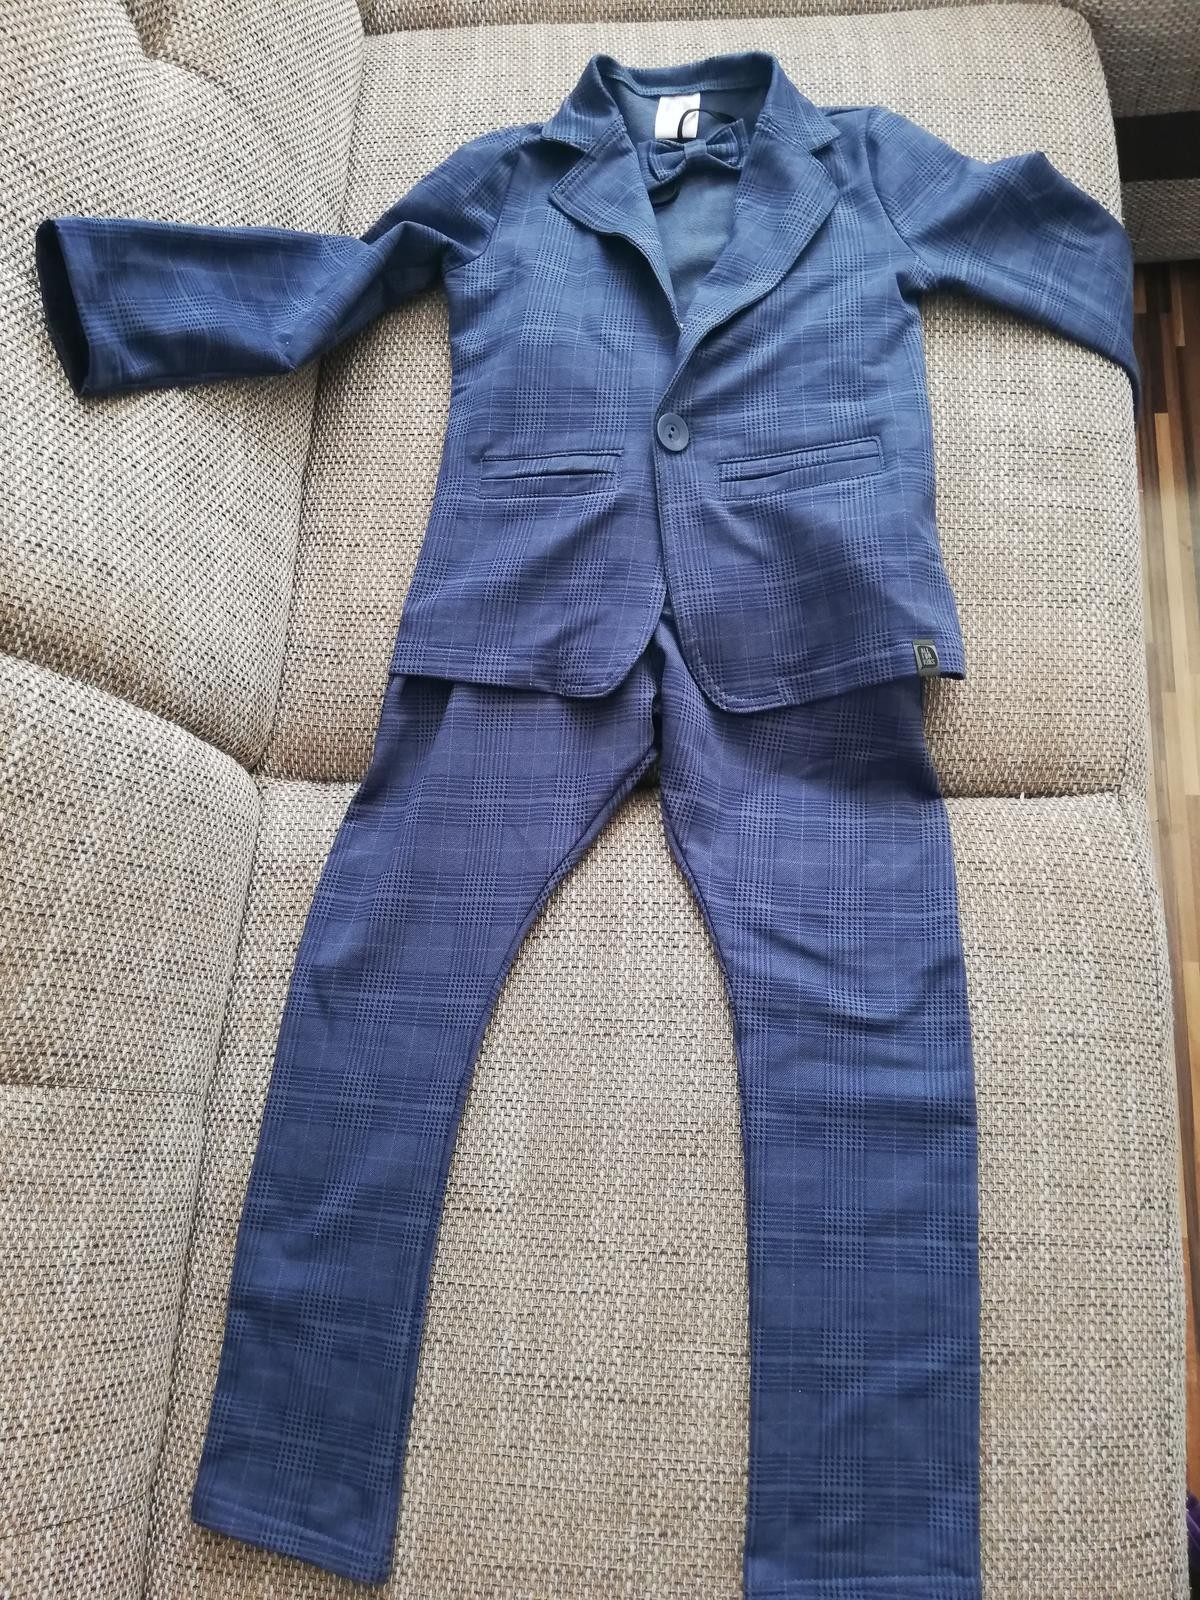 8d05159d9766 Športový oblek sako+nohavice+motylik. 128 134